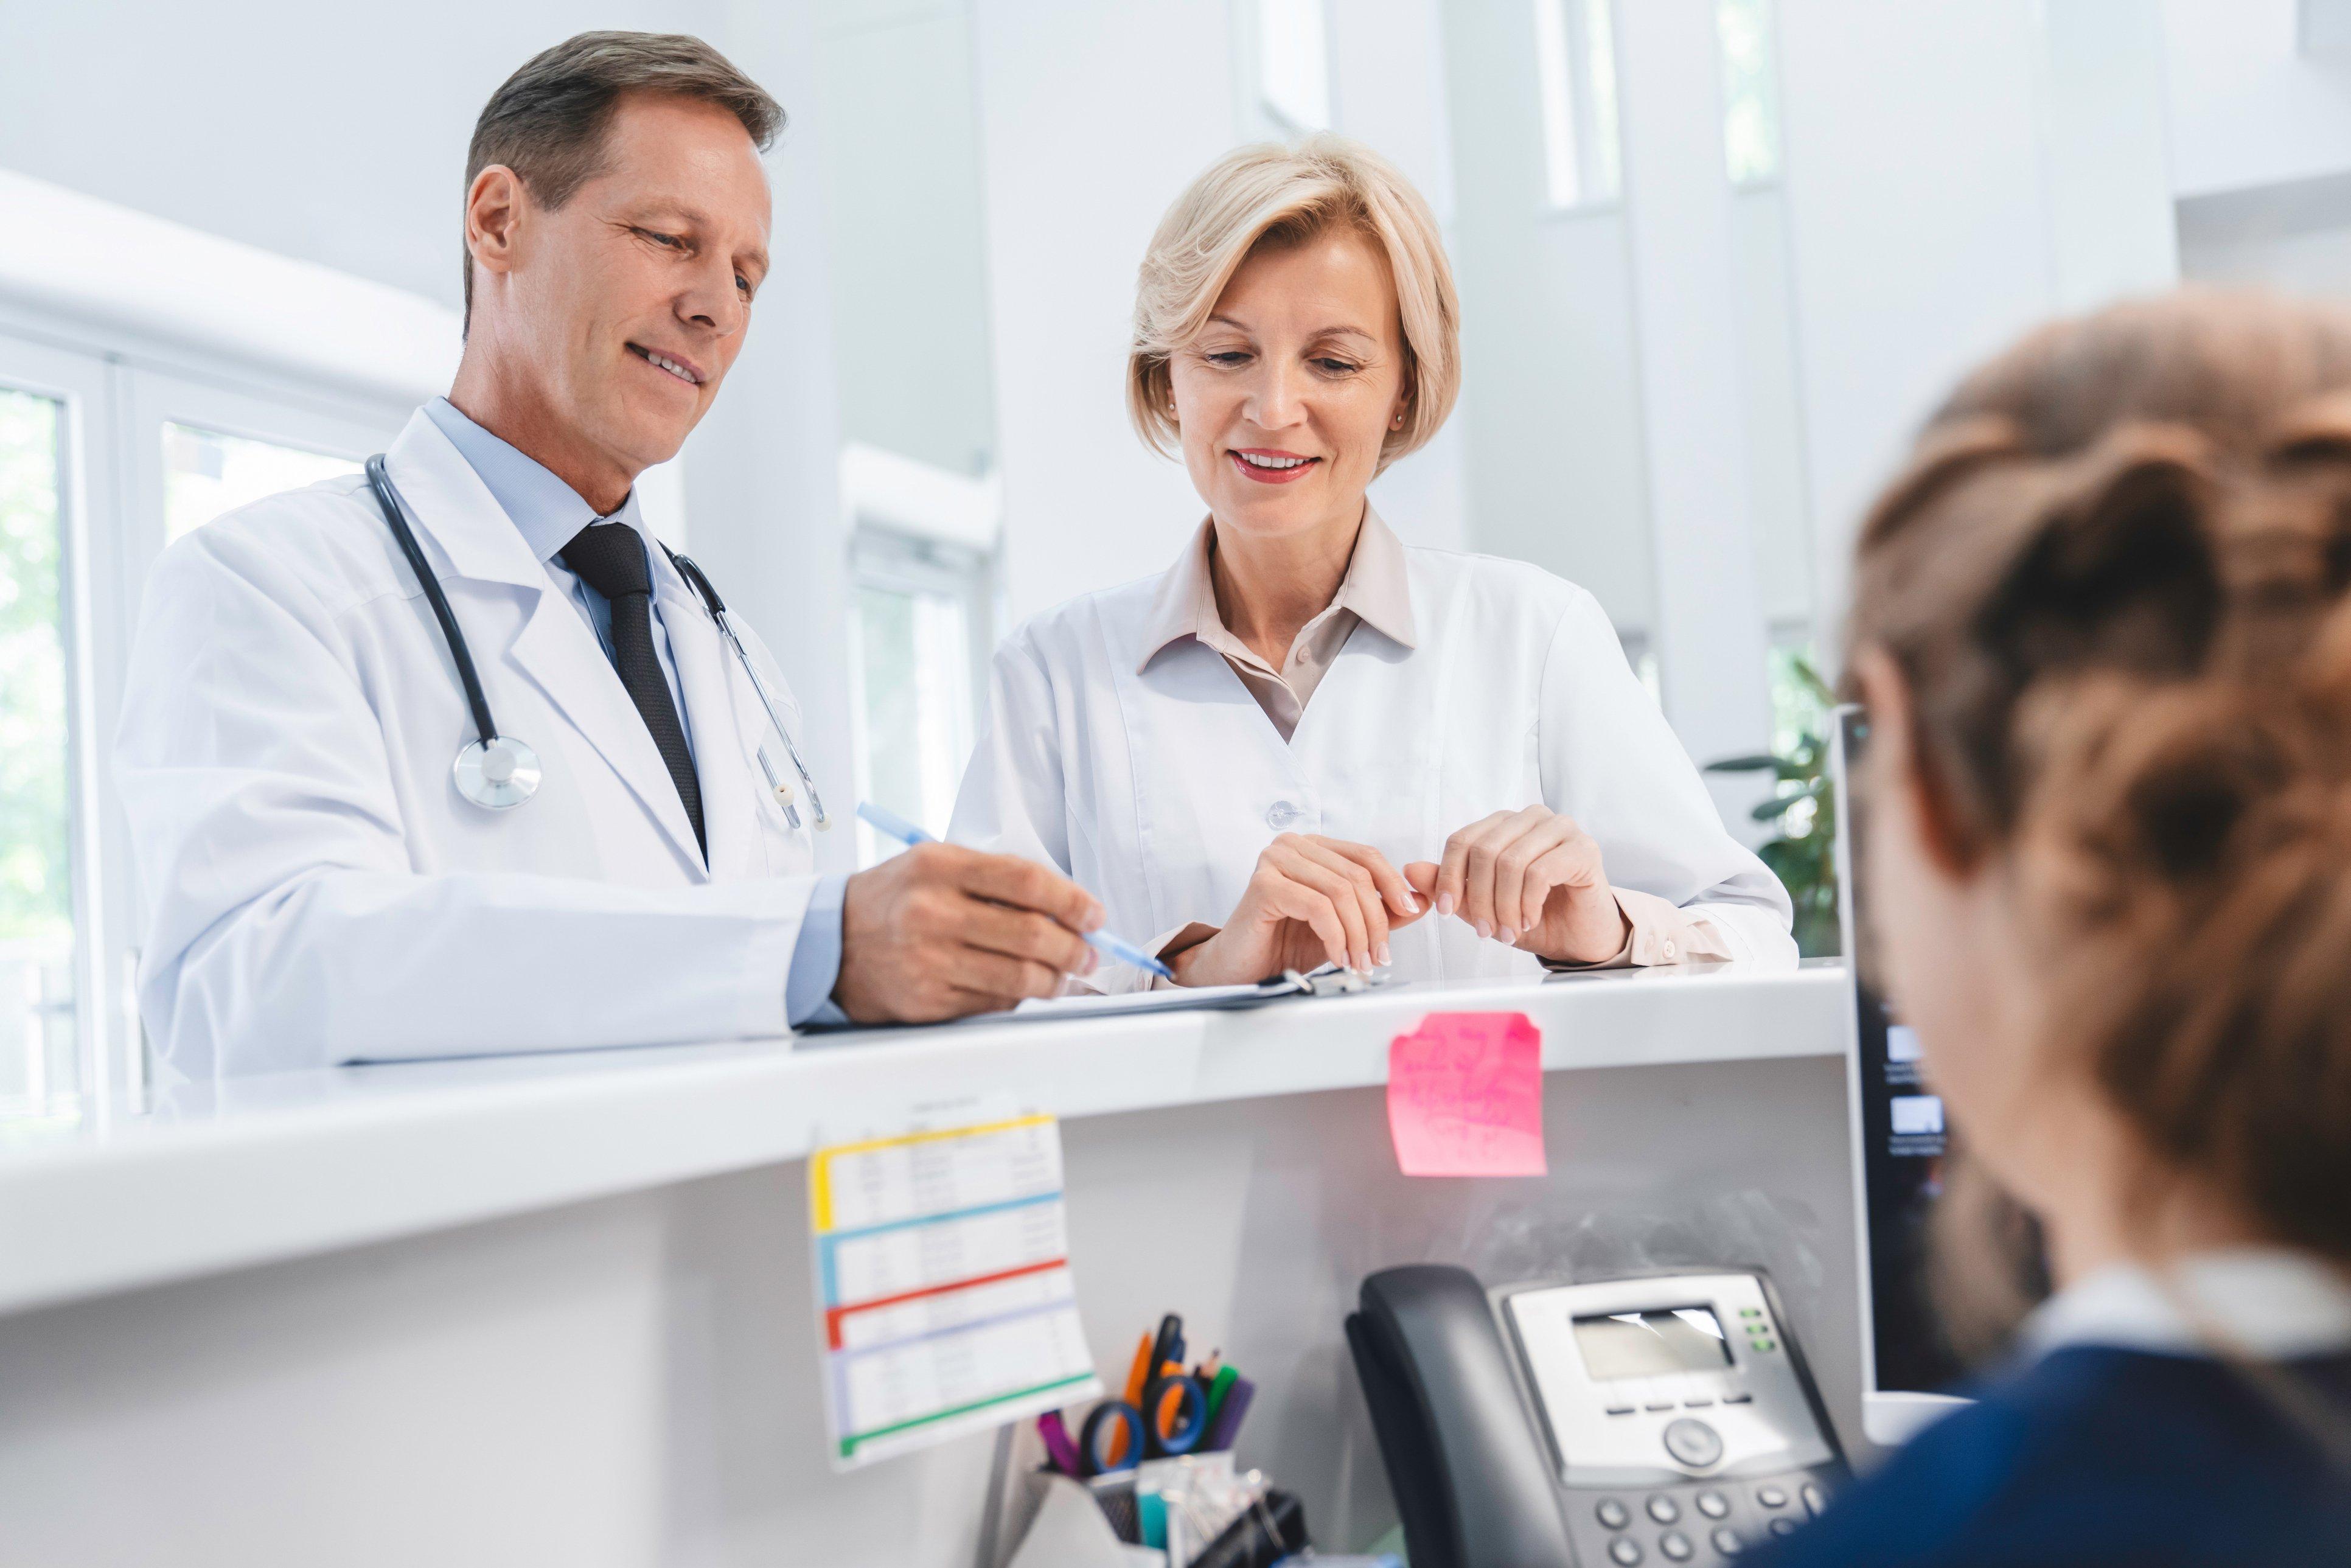 Produtividade em clínicas: o que é e por que se preocupar?